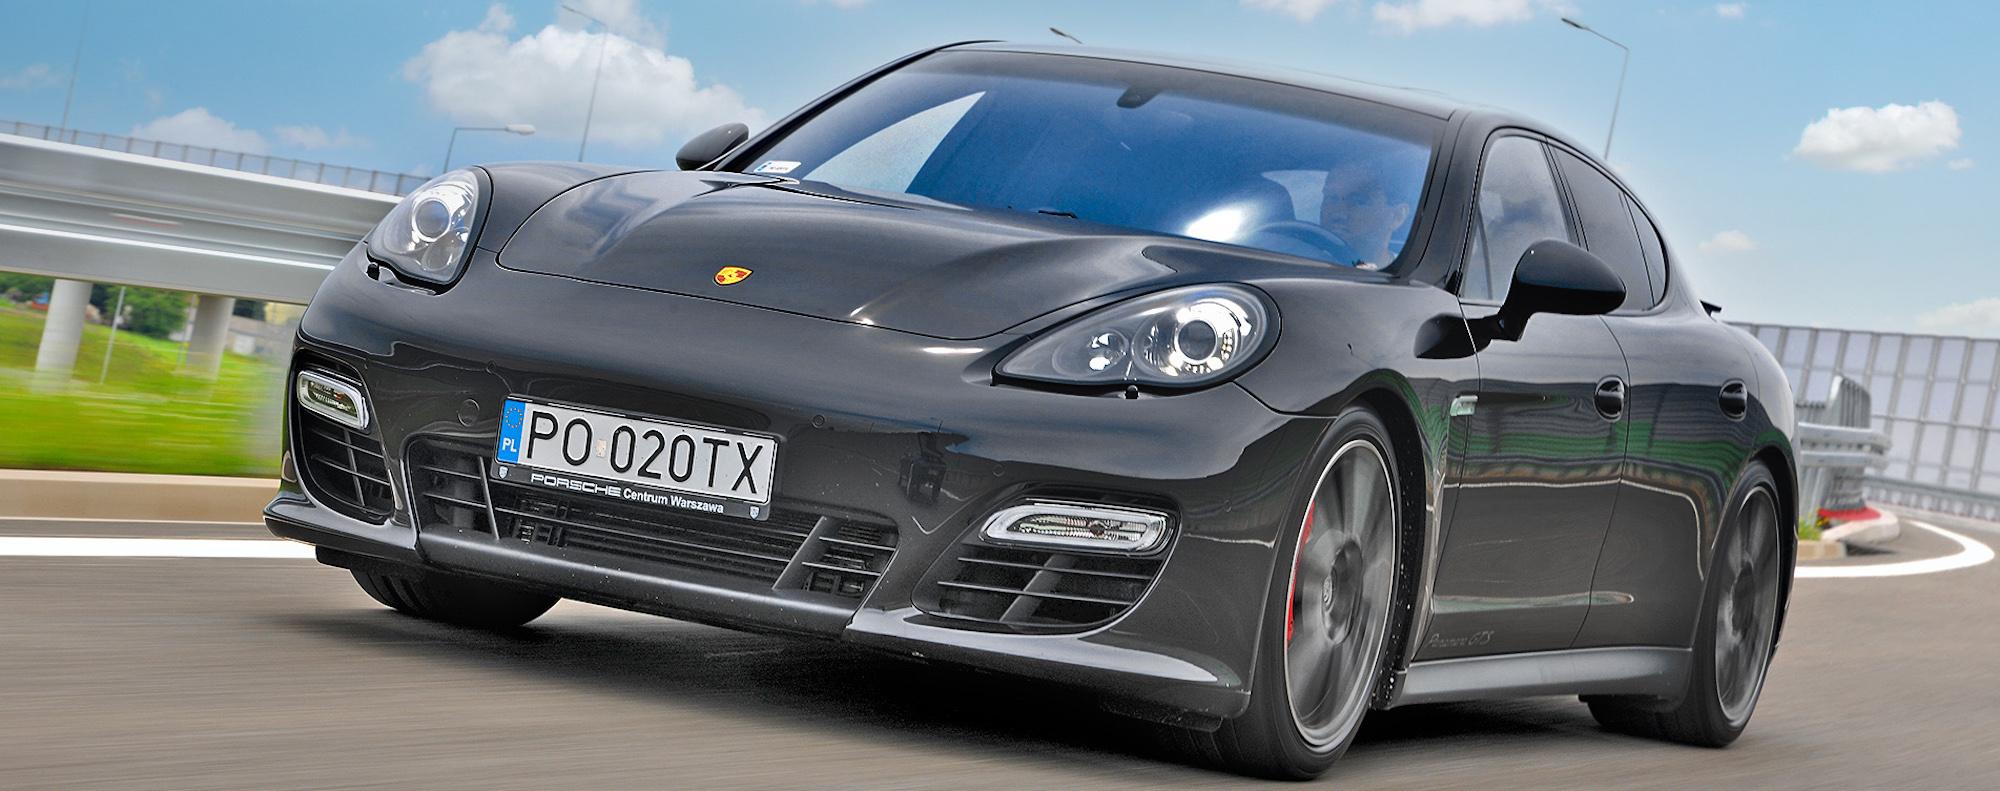 Porsche Panamera I(2009-2016)